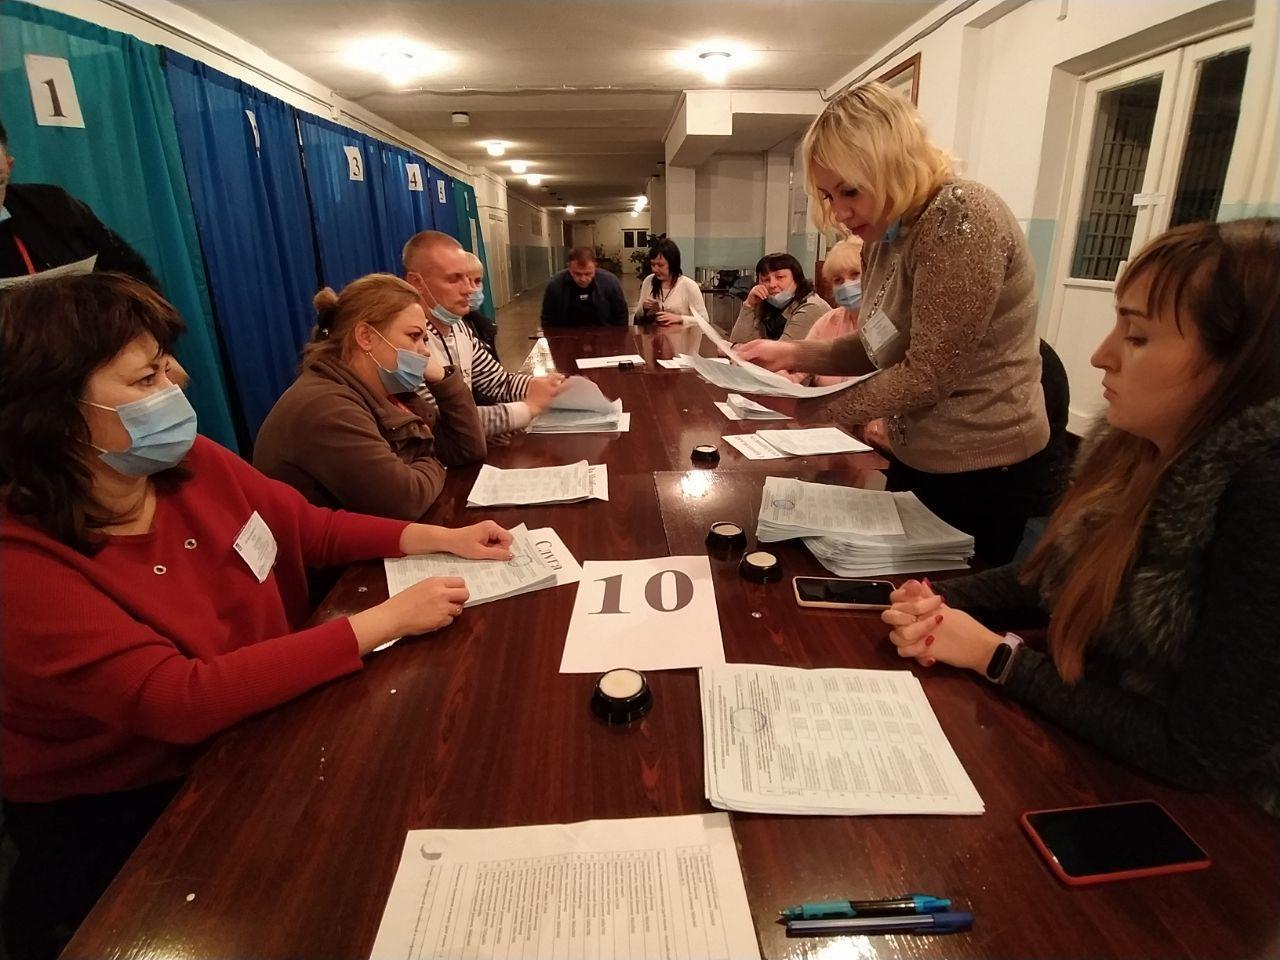 підрахунок голосів, вибори 2020